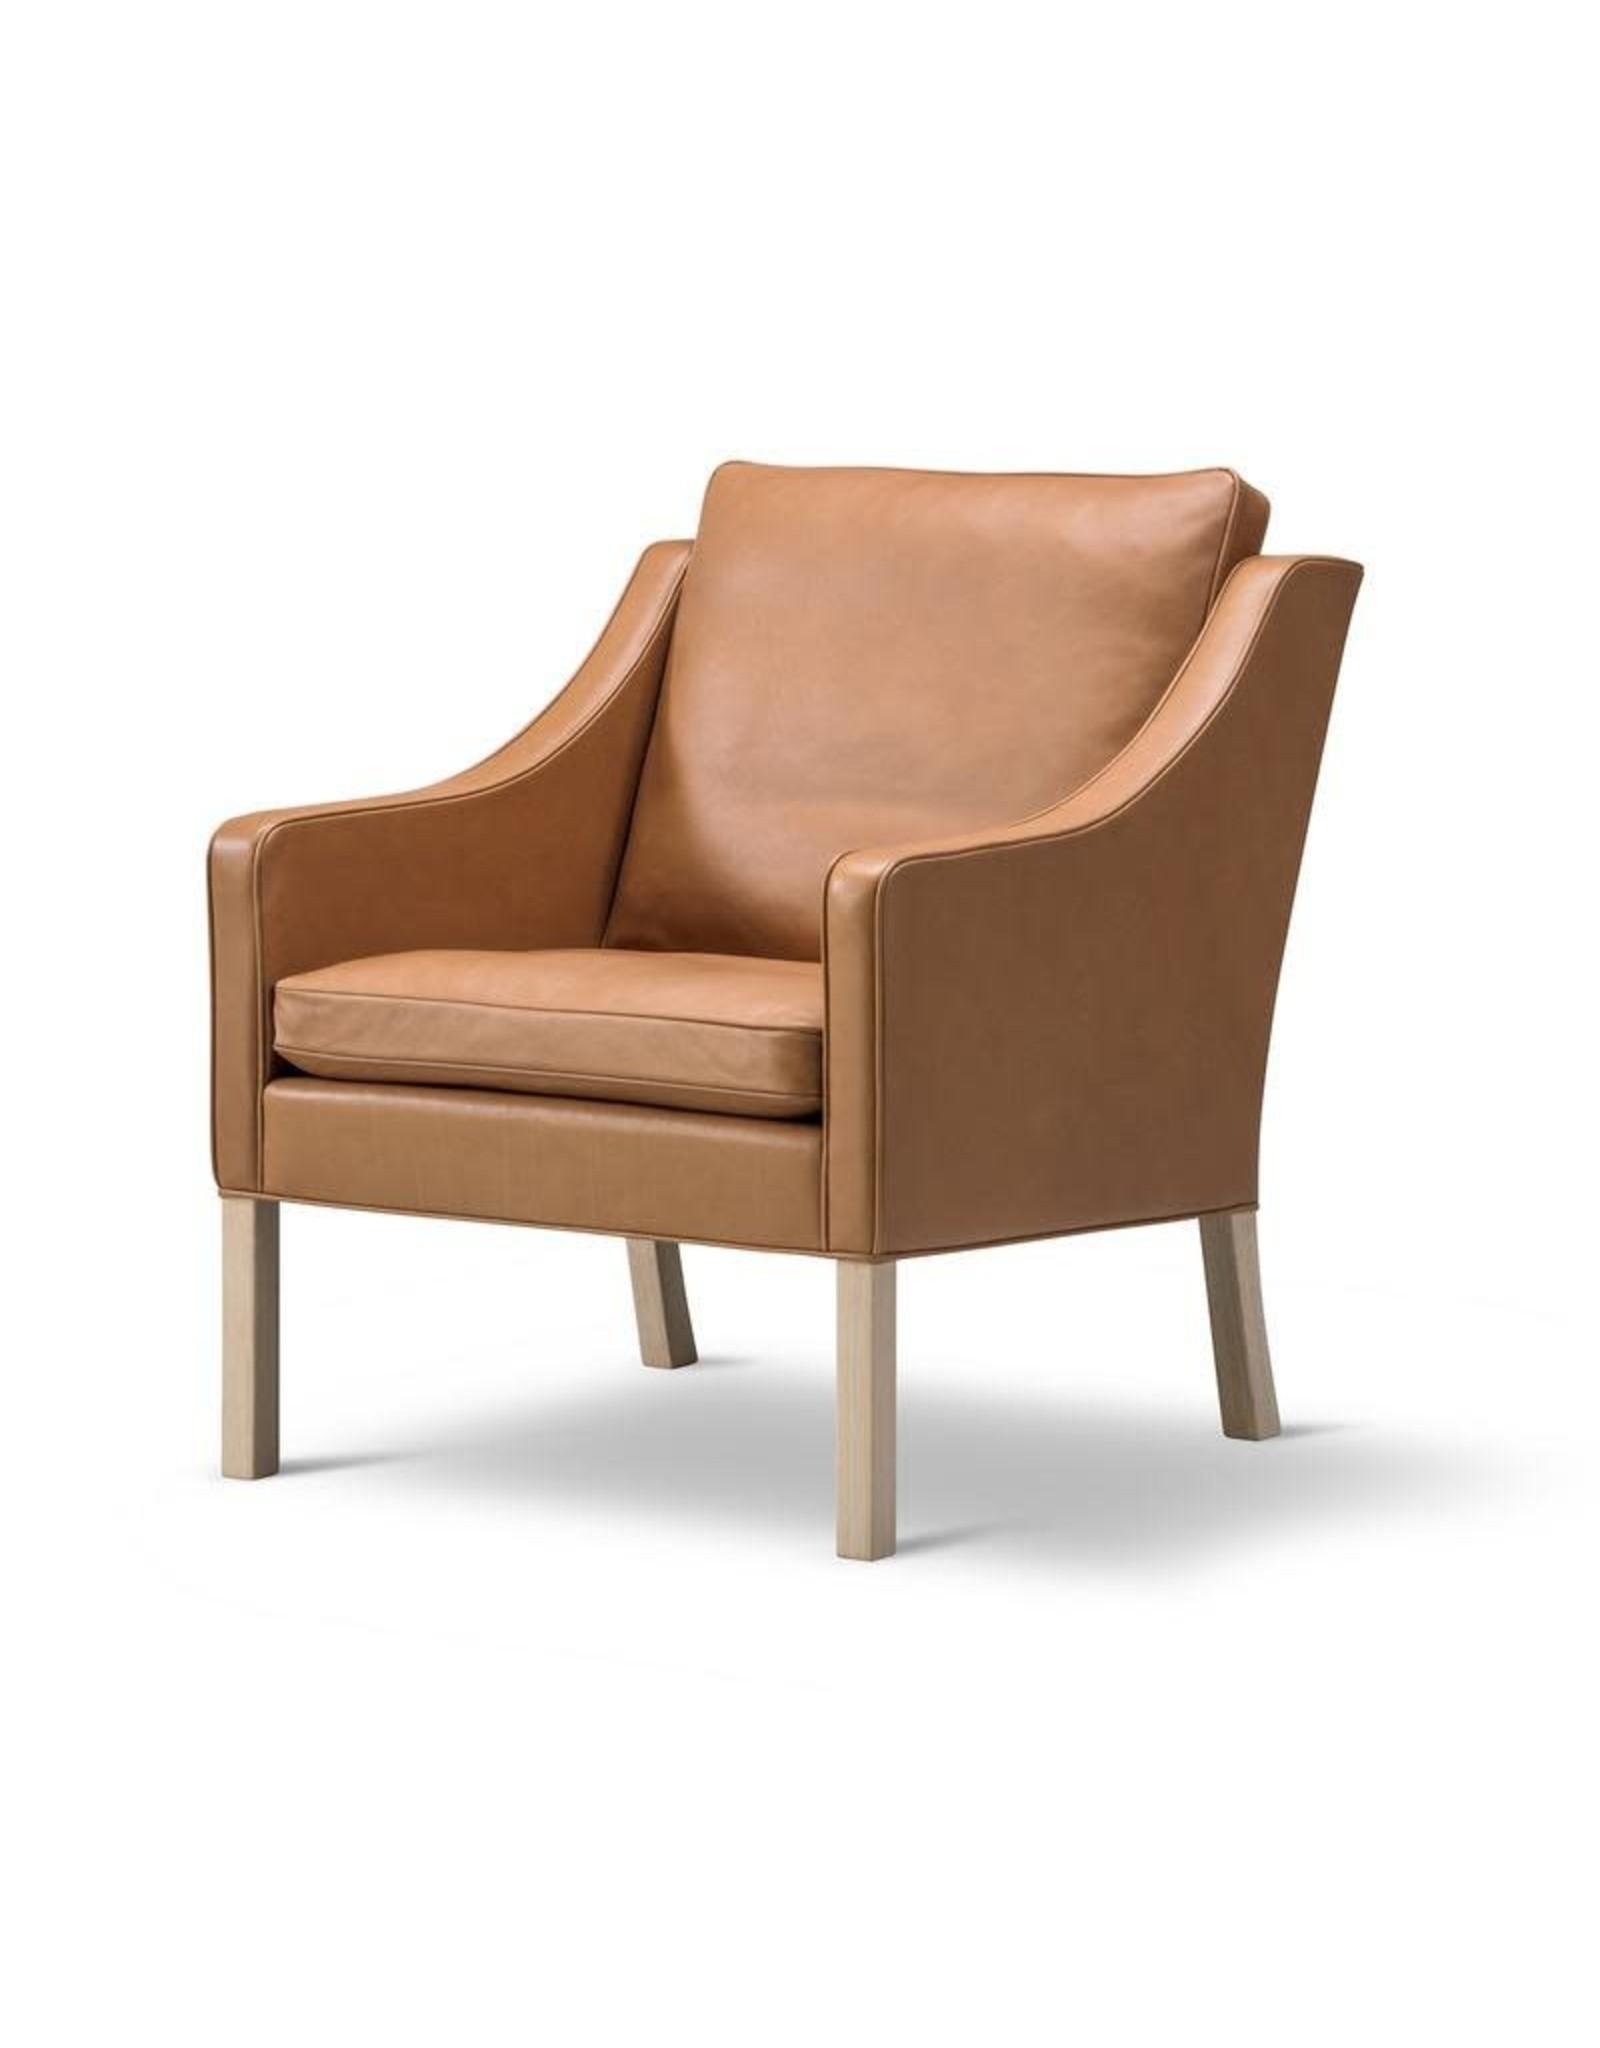 2207 胡桃木色真皮休閒椅